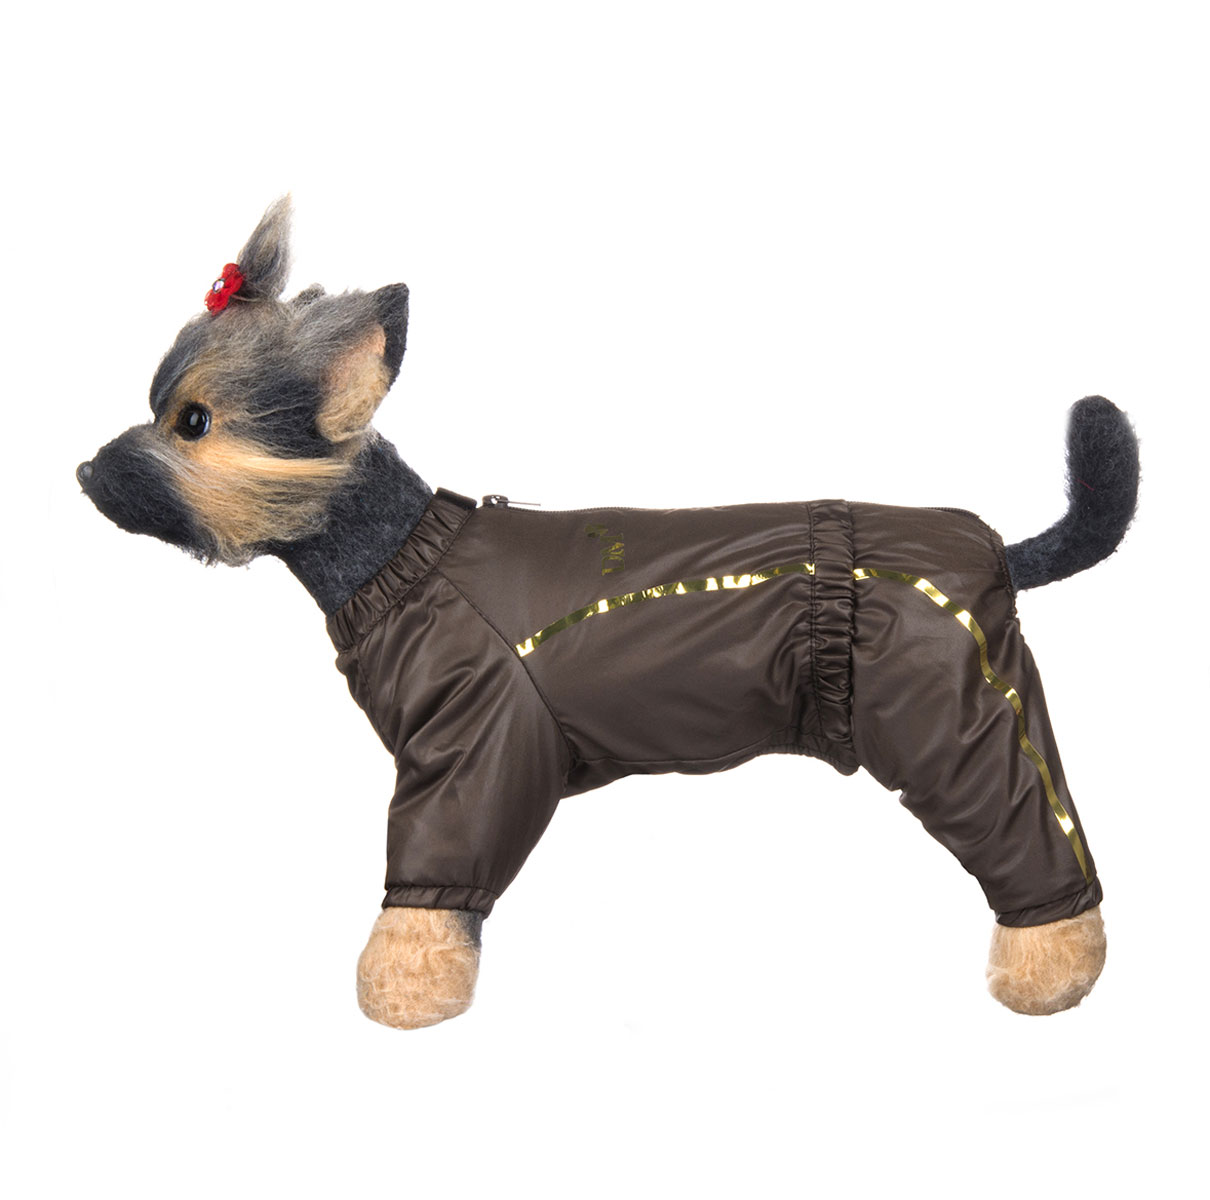 Комбинезон для собак Dogmoda Альпы, для мальчика, цвет: коричневый. Размер 2 (M) комбинезоны для животных dogmoda комбинезон doggs active 70 сука